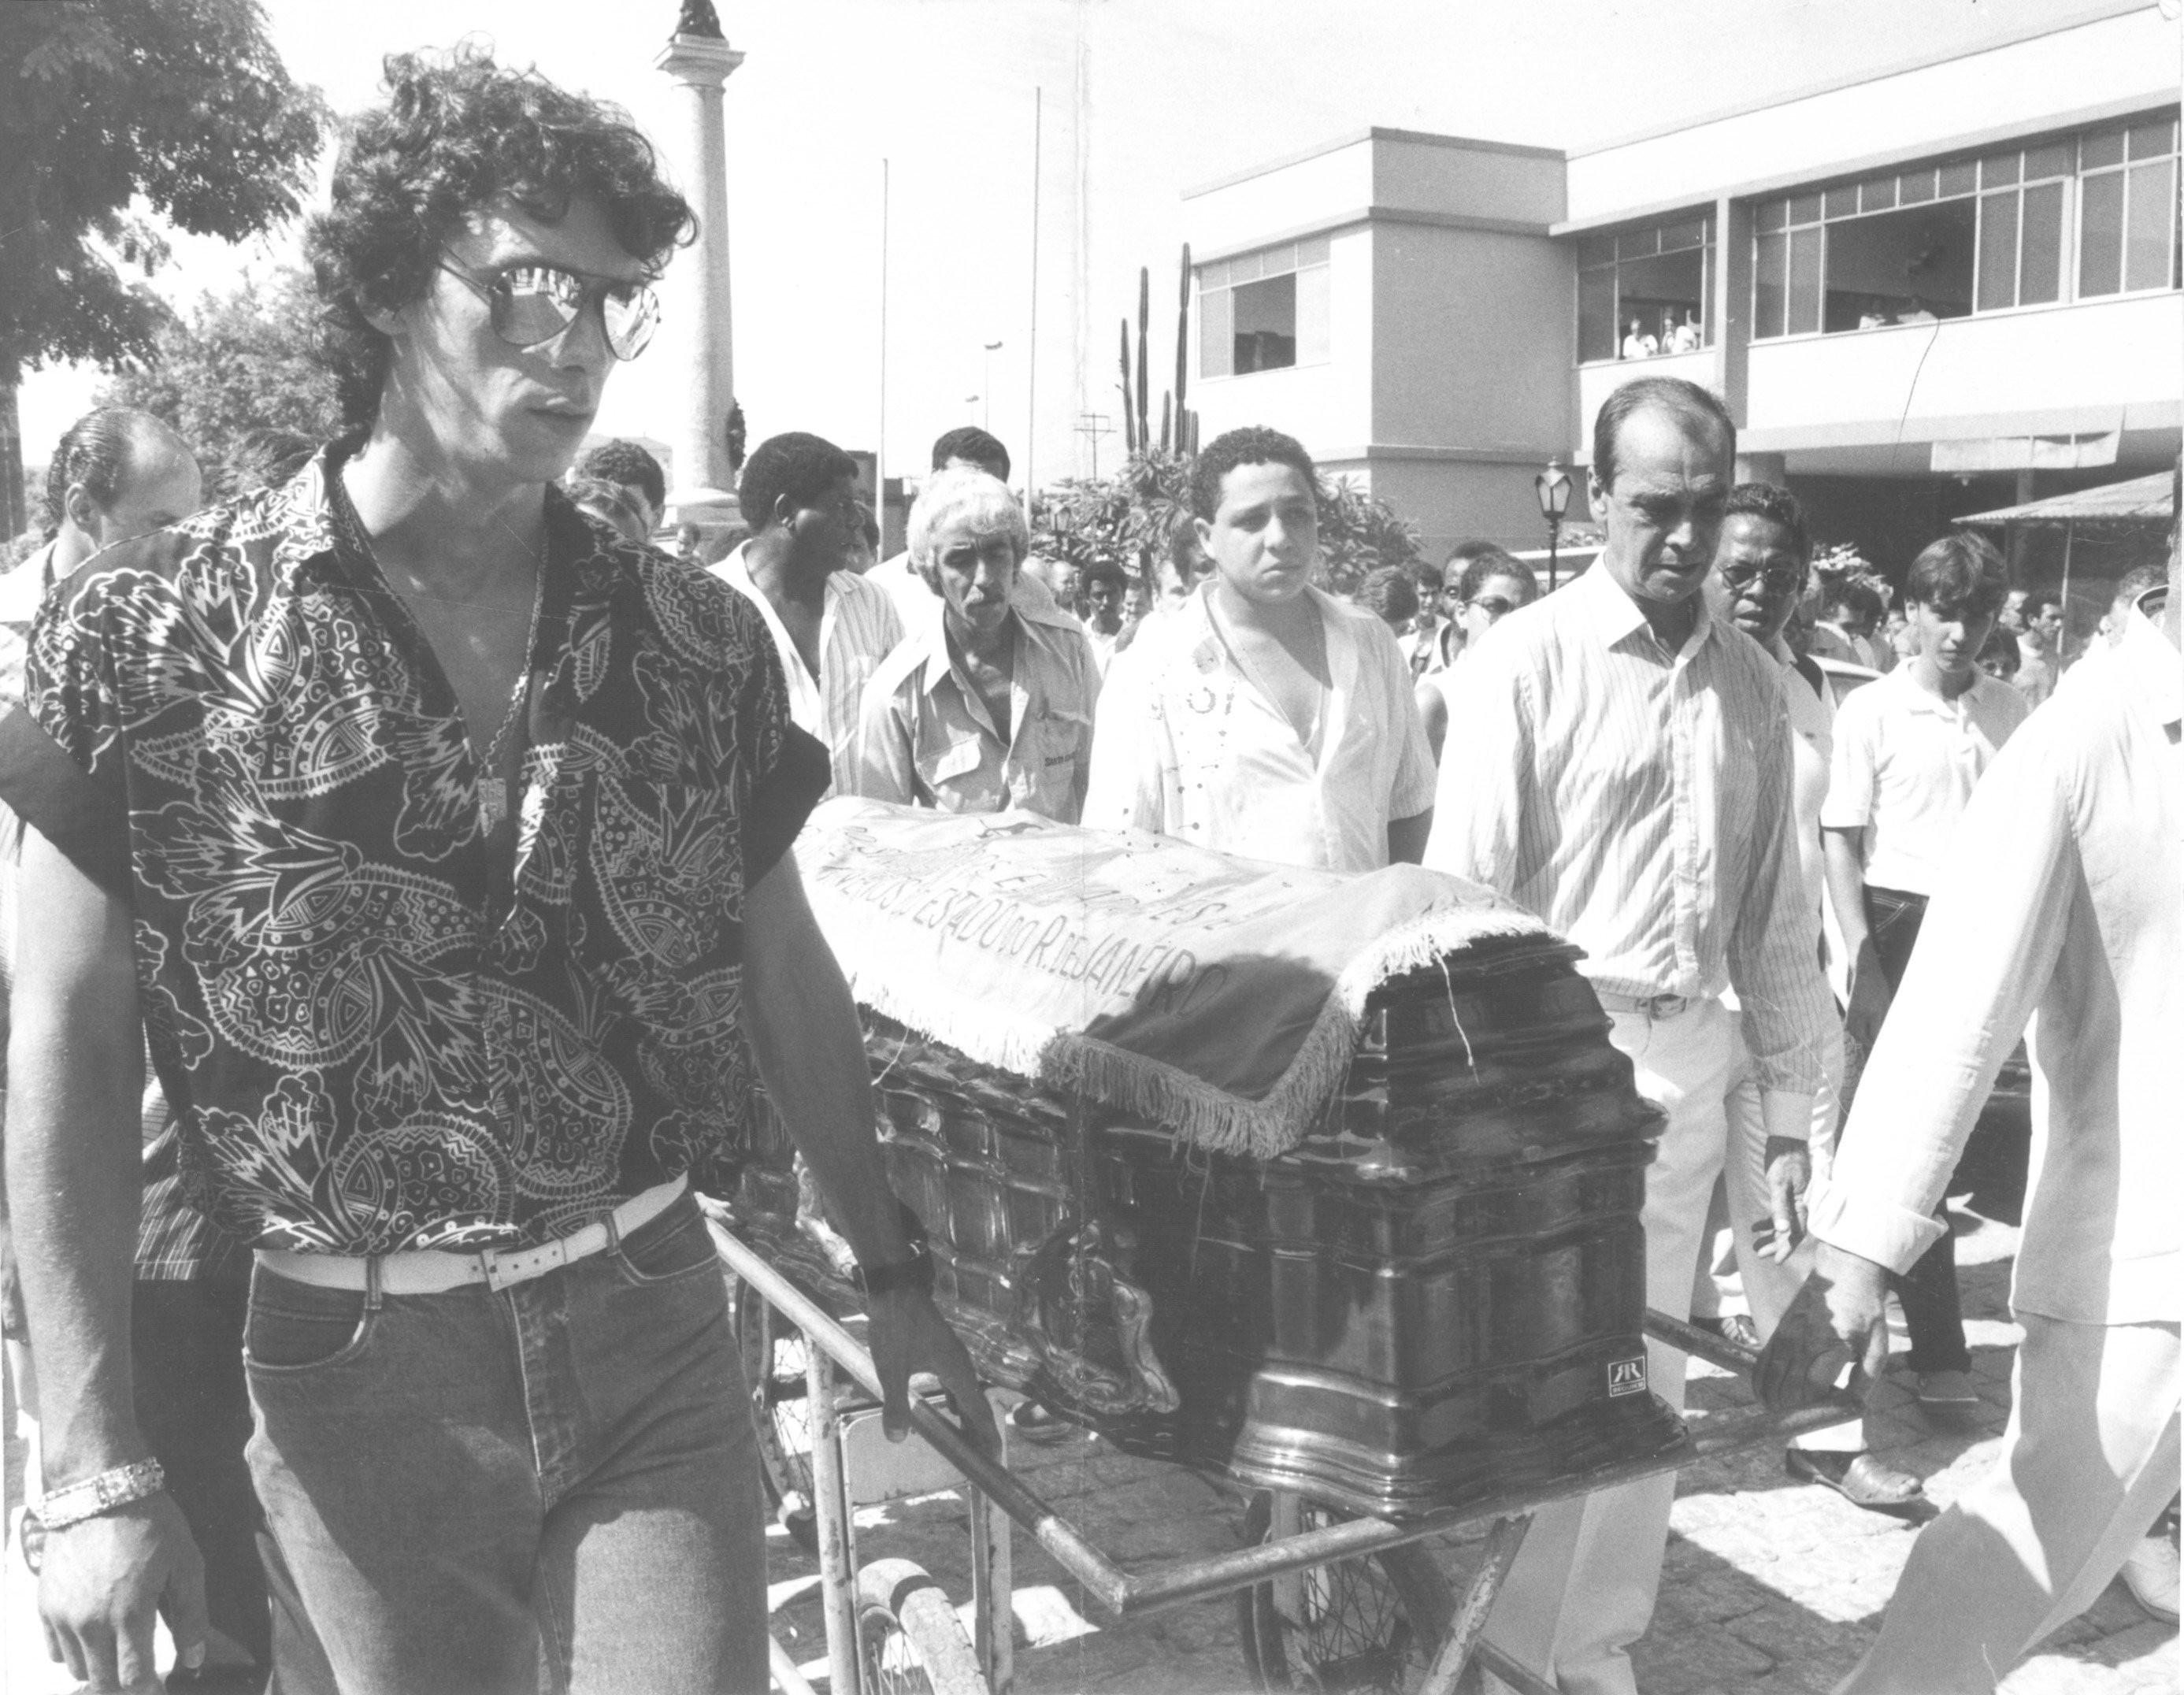 O bicheiro Maninho (à esquerda) carregando caixão de seu padrinho, Tio Patinhas, em 1986